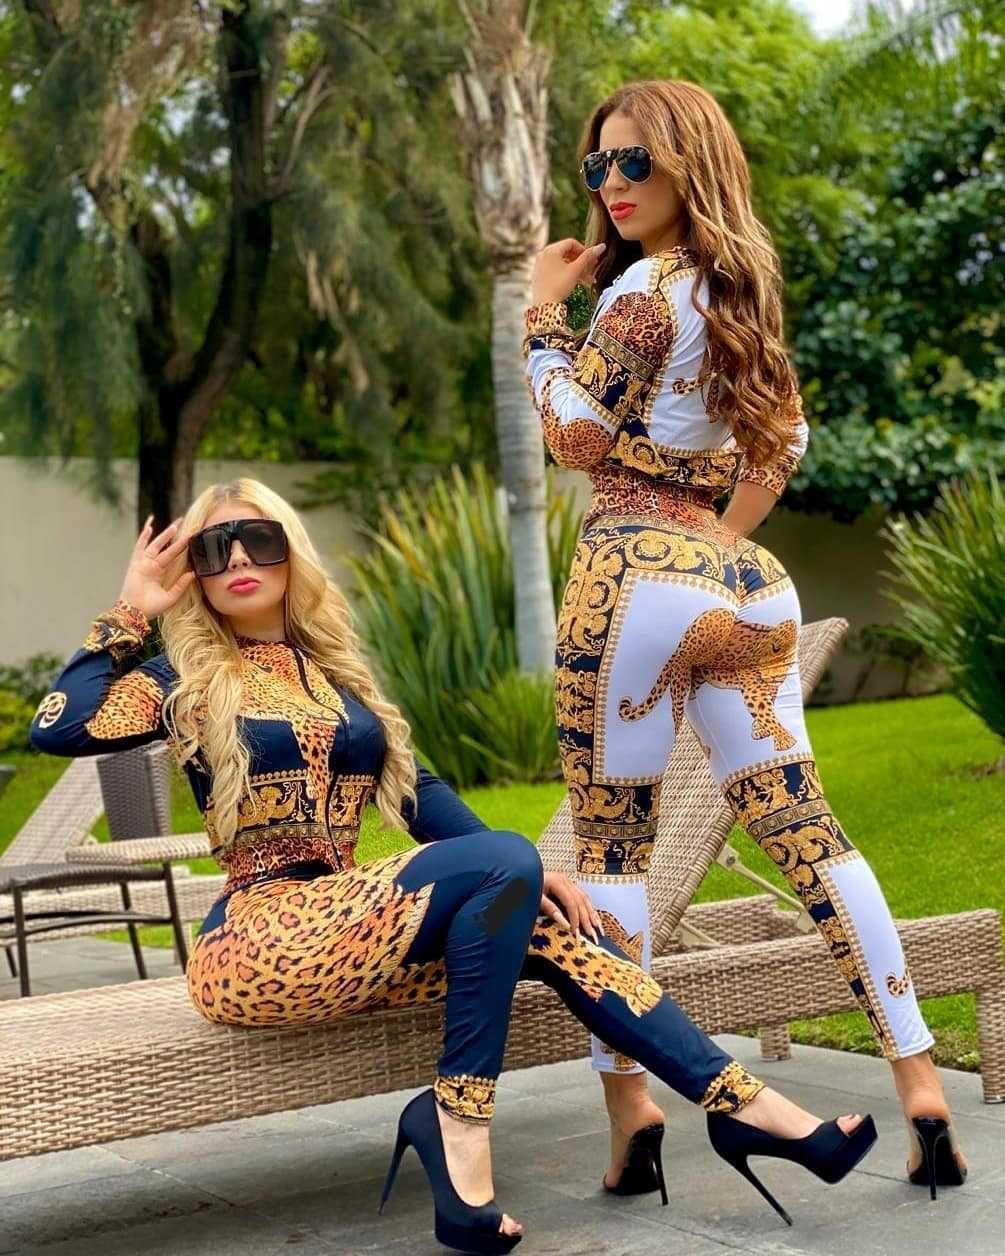 Mode frauen anzug mit heißer verkauf digital gold druckamerika casual stil zwei stücke anzug trainingsanzug frauen winter outfits frauen kleidung